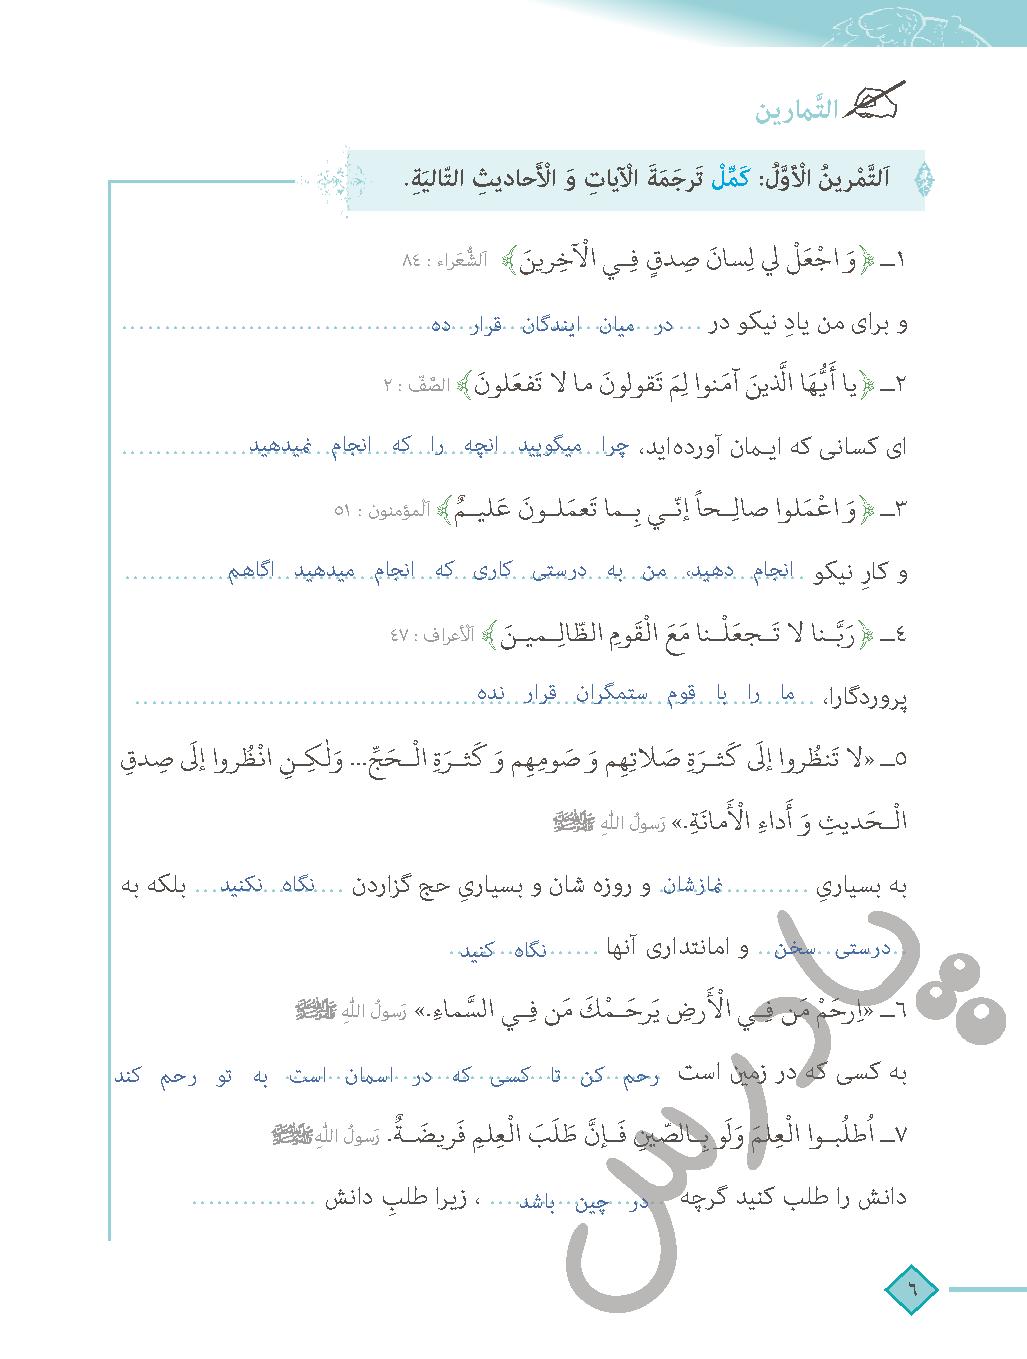 حل تمرین 1 درس اول عربی دهم انسانی